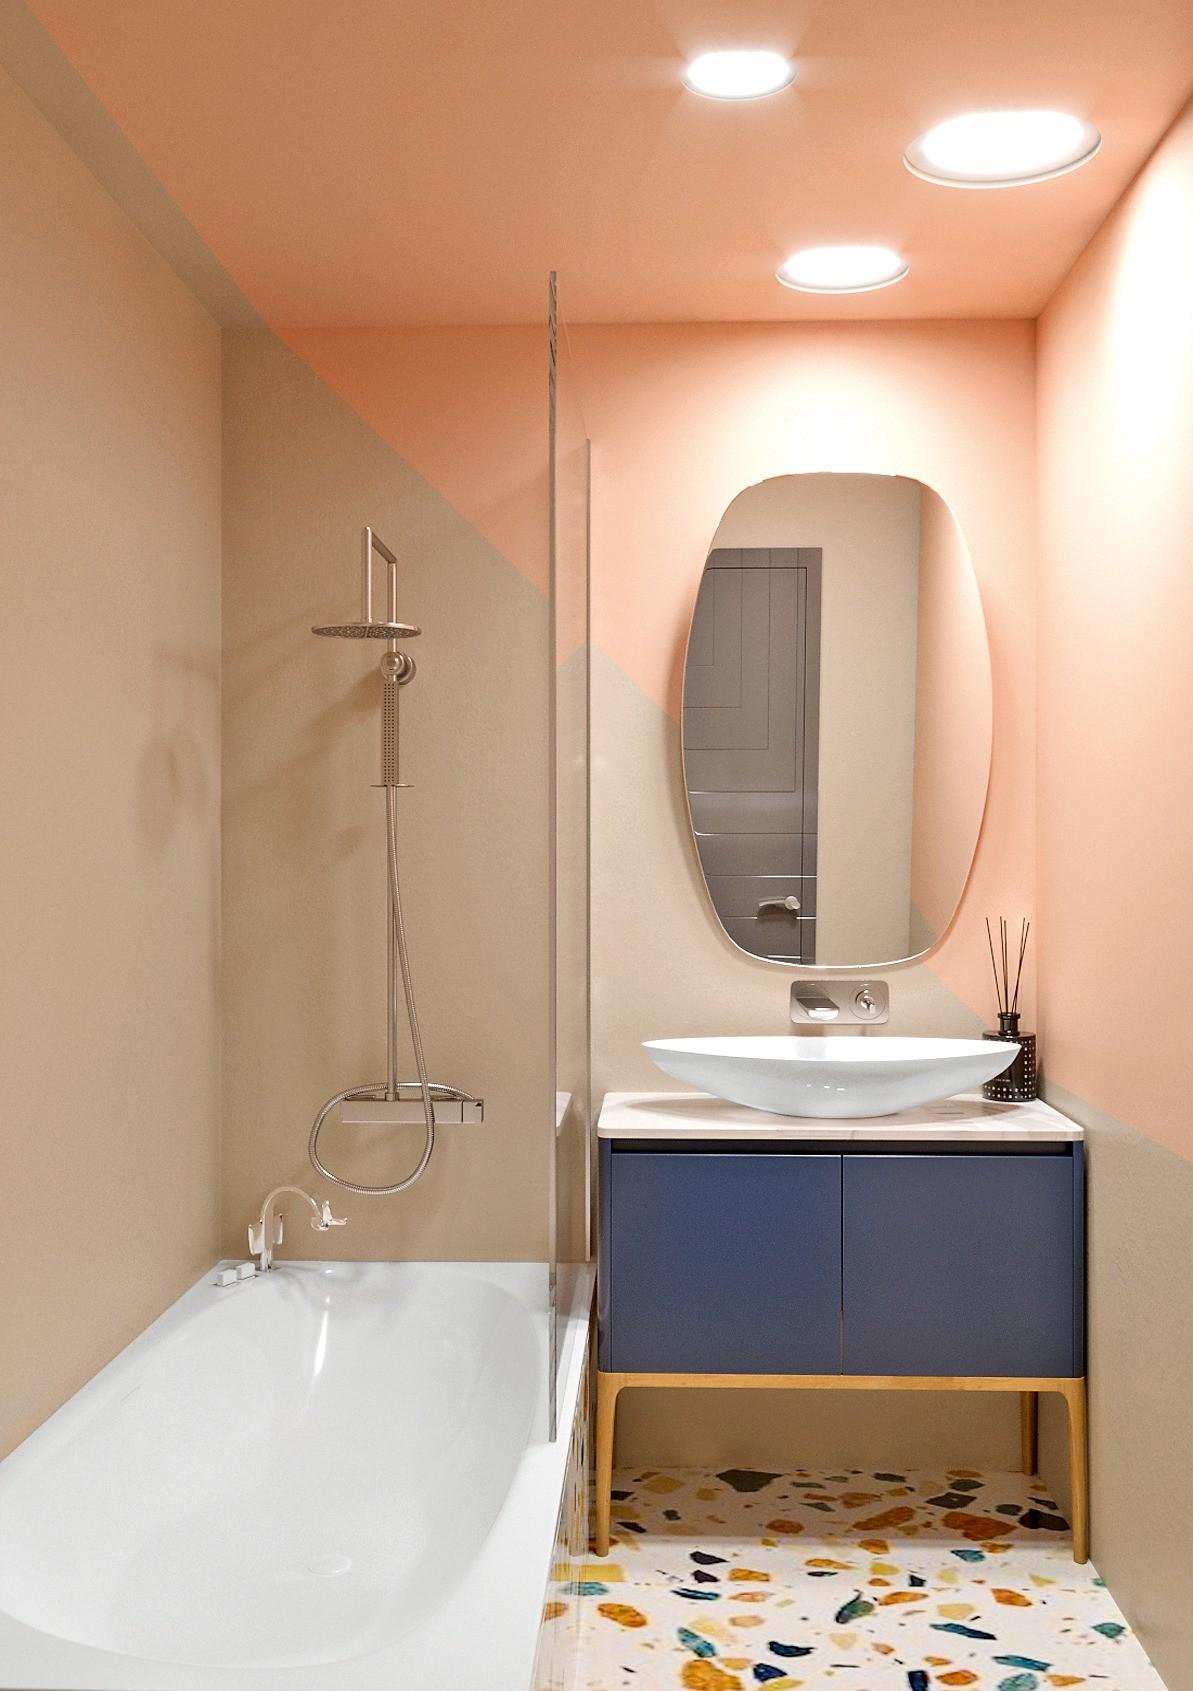 Стены помещения выкрасят влагостойким составом в три тона — светло-серый, пудровый и белый, пол сделают бесшовным, для чего используют инженерный мрамор Marmoreal. Объём ванной очень небо...